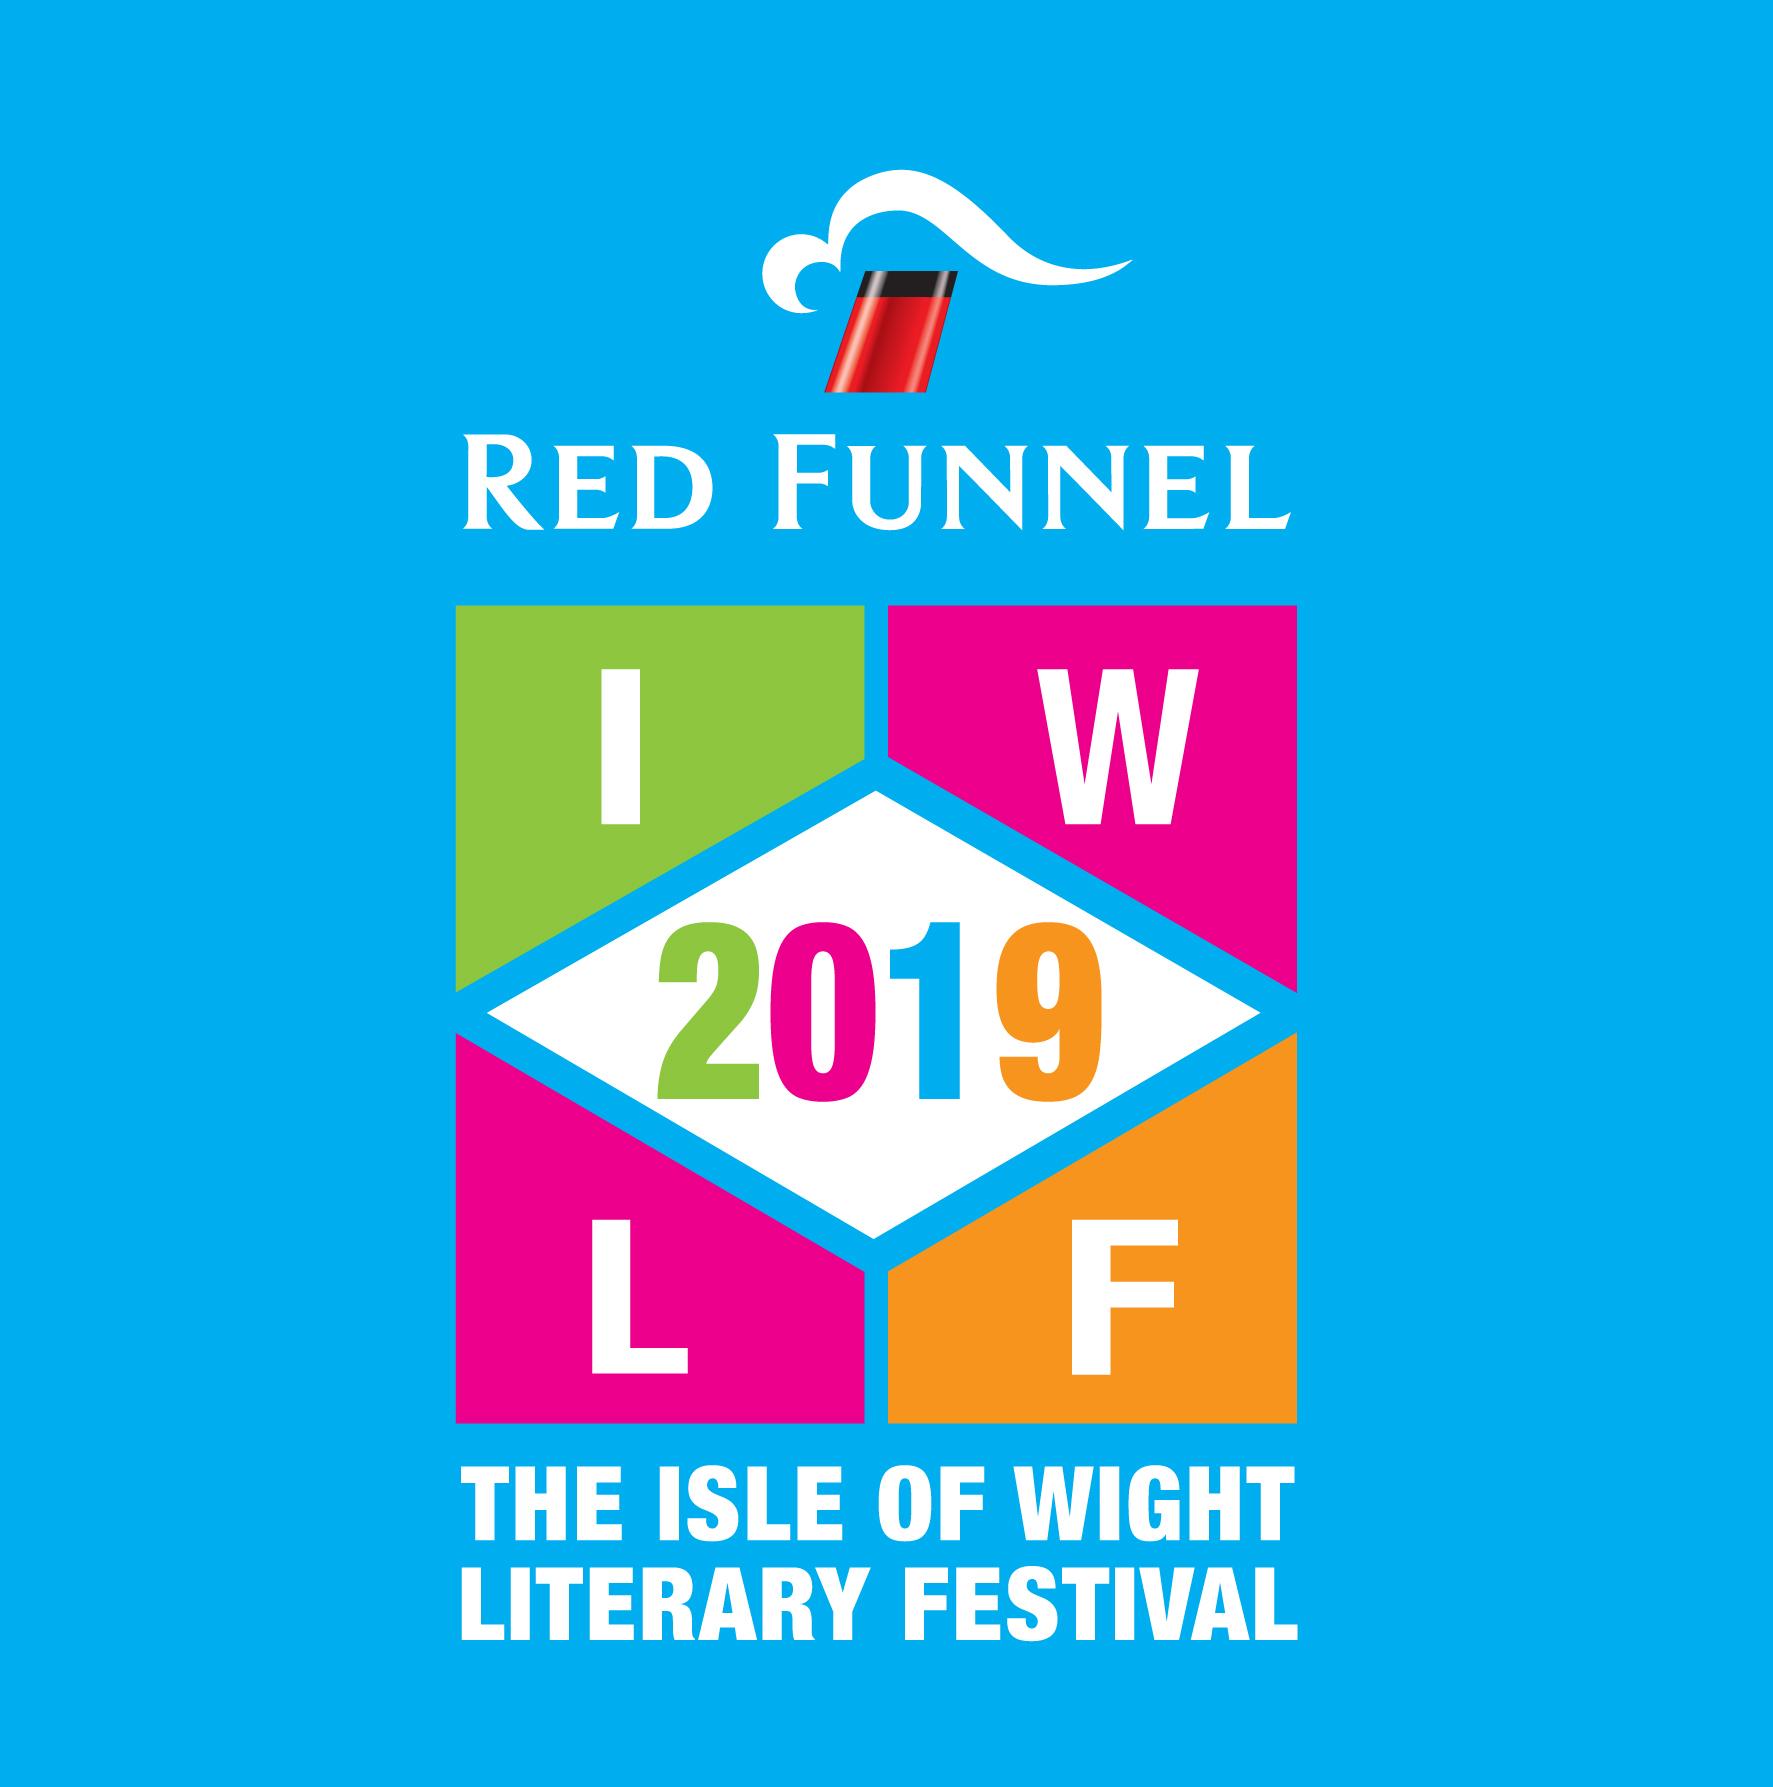 IWLF 2019